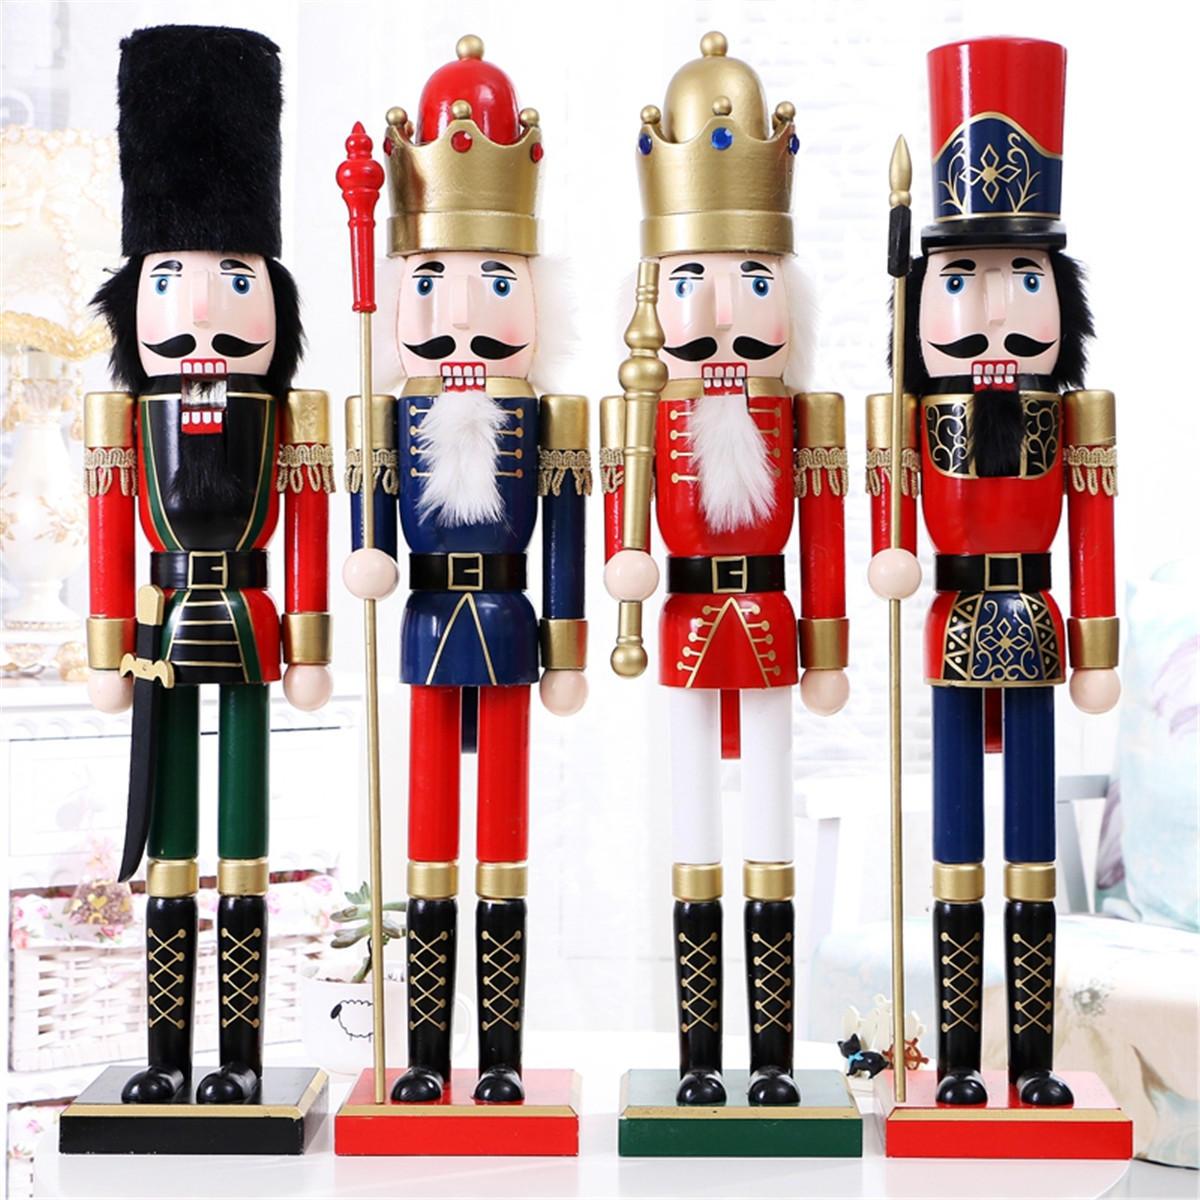 60 см Щелкунчик Солдат Новогоднее Украшение Щелкунчики Xmas Кухня Деревянная Кукла